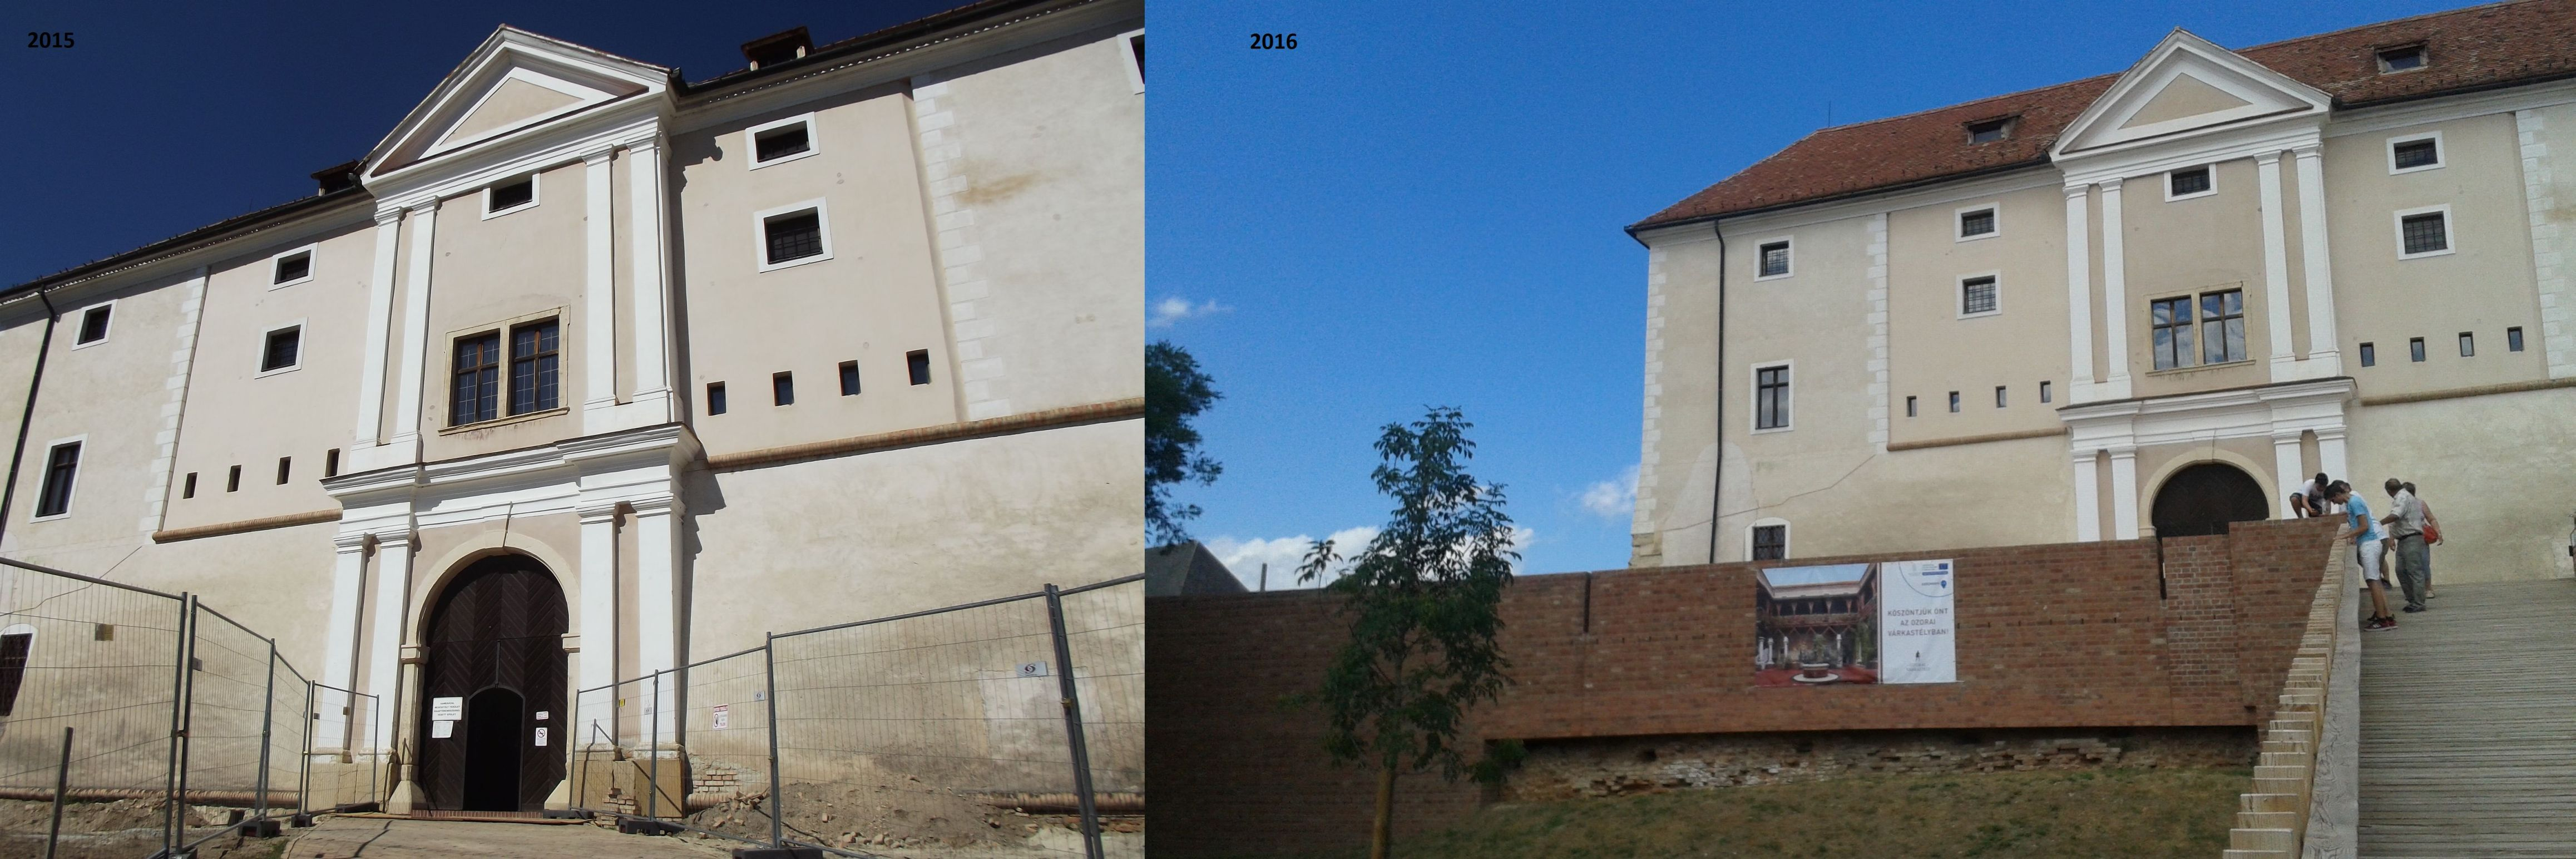 A vár bejárata 2015-ben, illetve 2016-ban